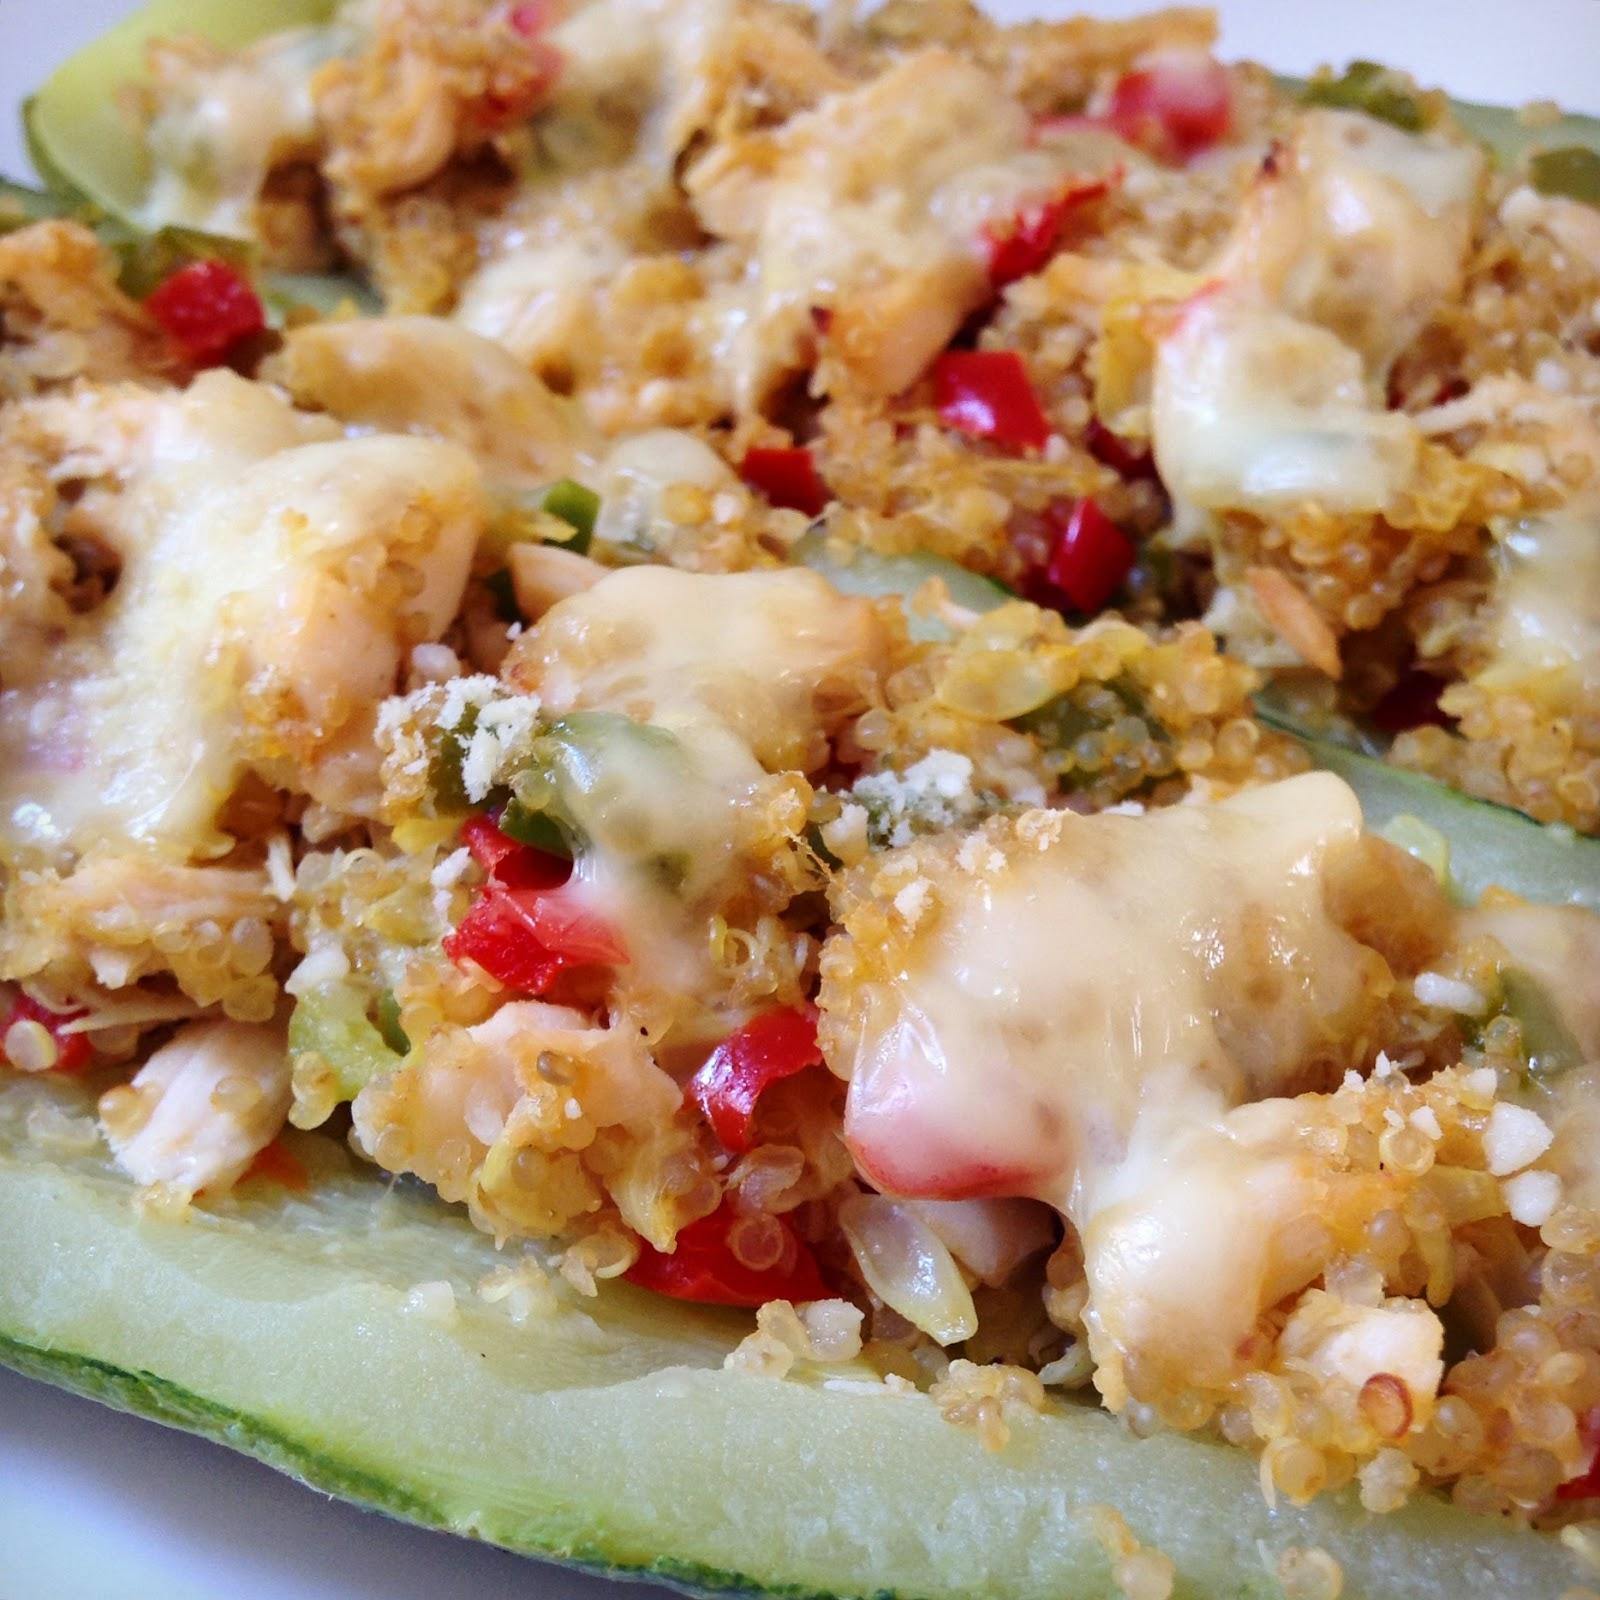 Proyecto cocina zapallito italiano relleno con quinoa y pollo for Cocinar quinoa con pollo